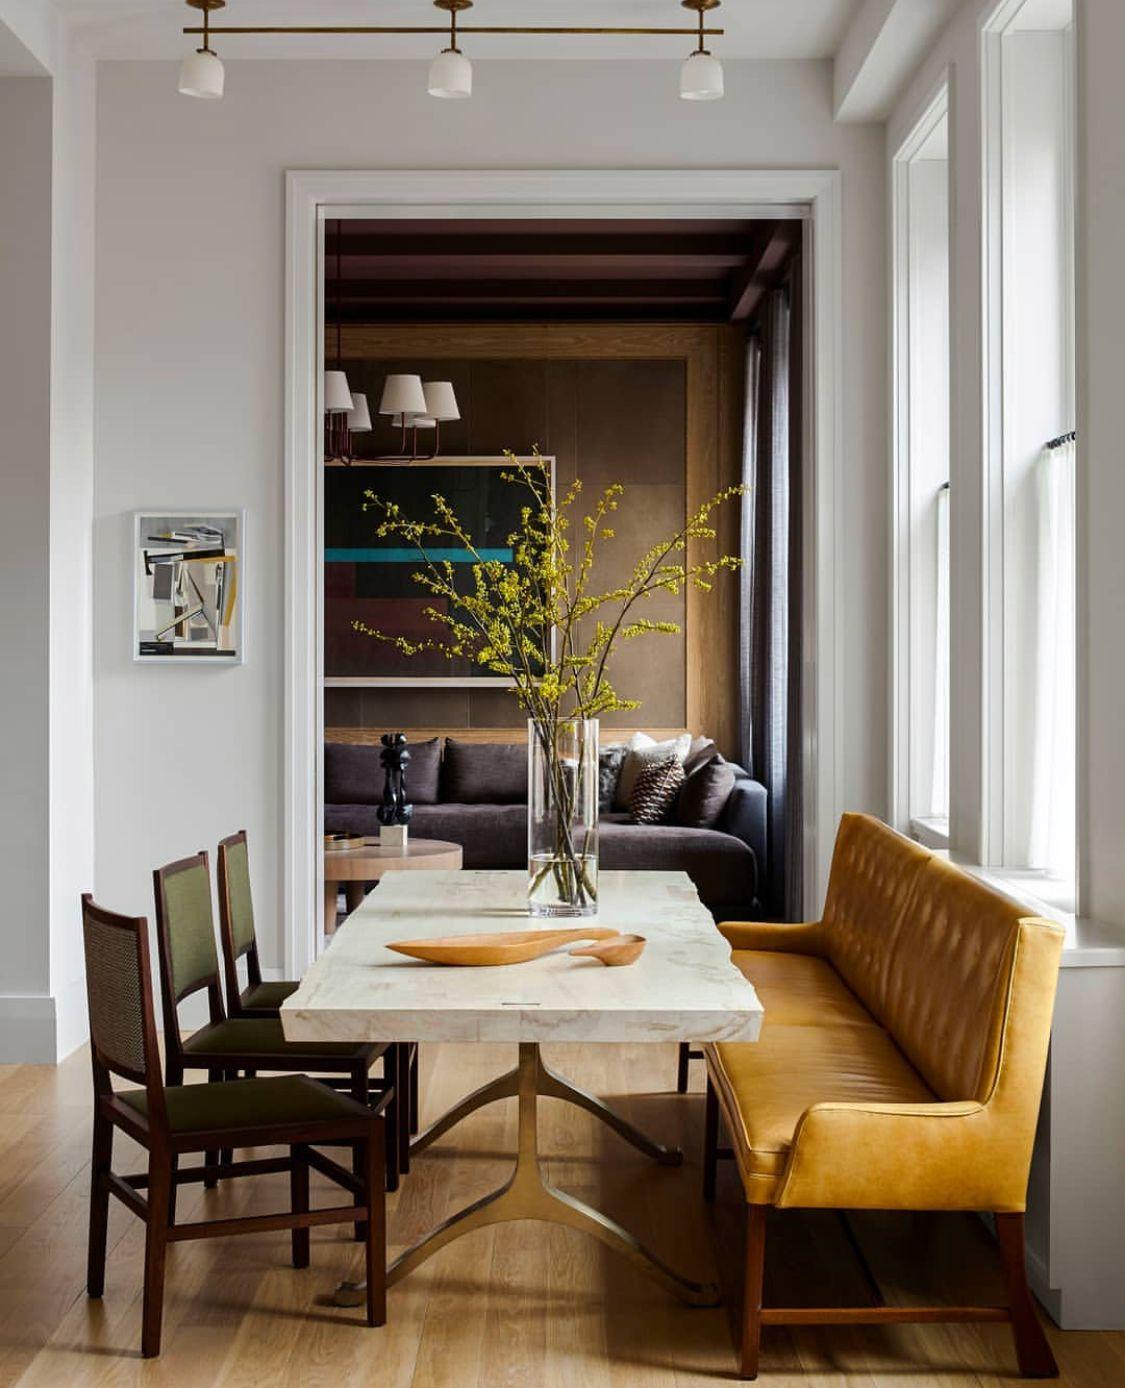 Esszimmer Essplatz Esstisch Weiß Bank Leder Stühle Wohnen Dekorieren  Einrichten Interieur Interior Design Wohnideen Wohninspiration